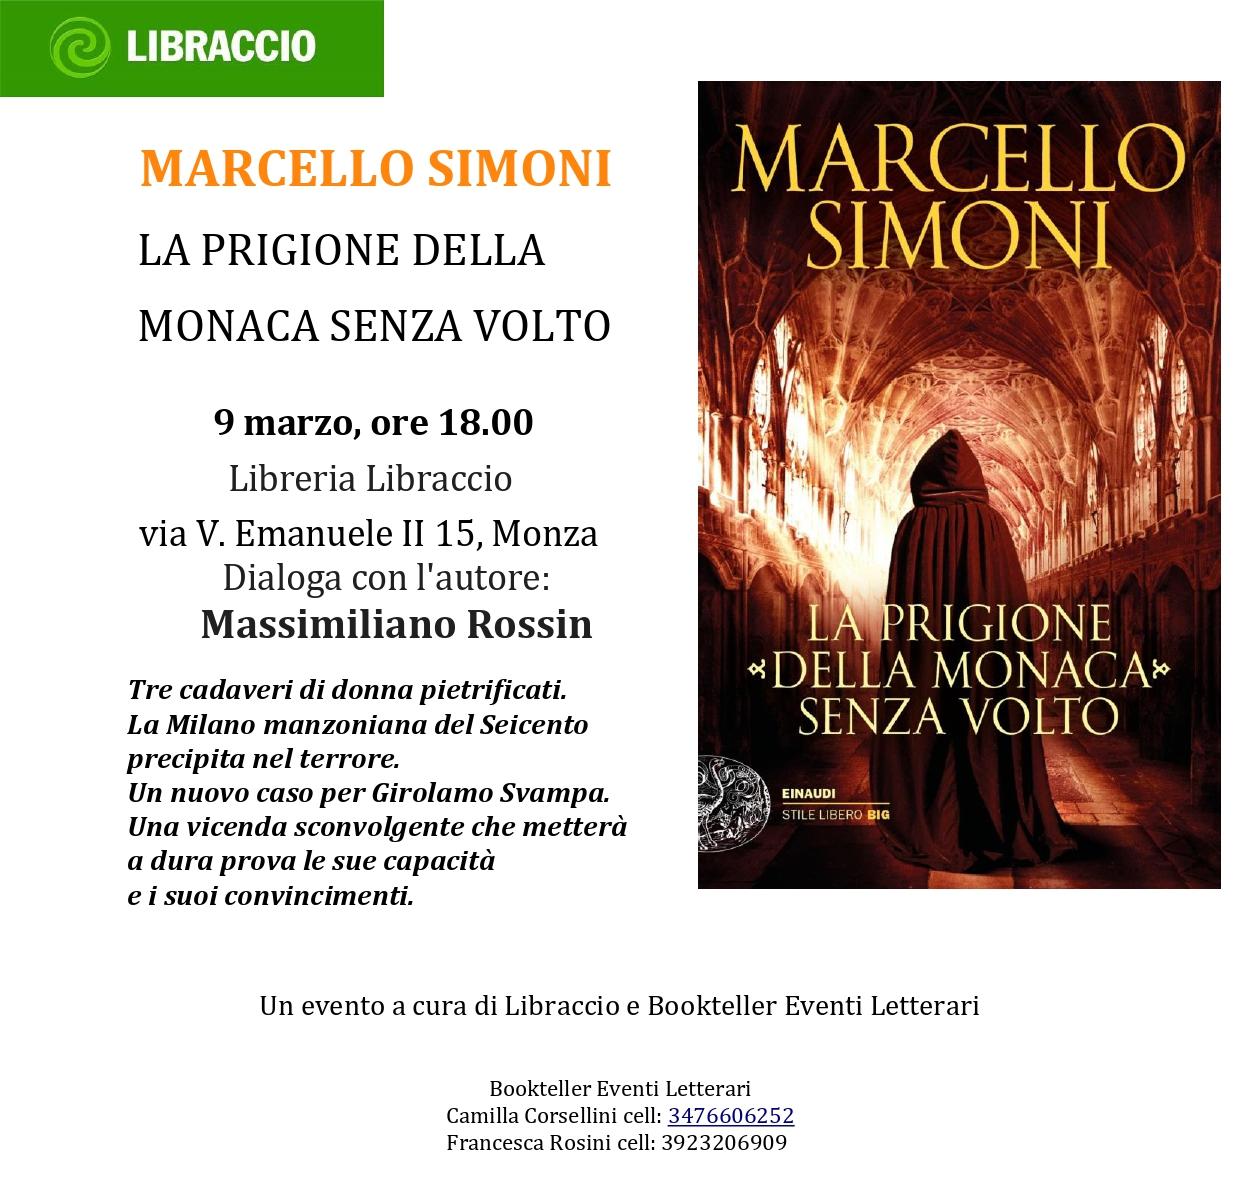 SIMONI Libraccio_ MONZA_pages-to-jpg-0001